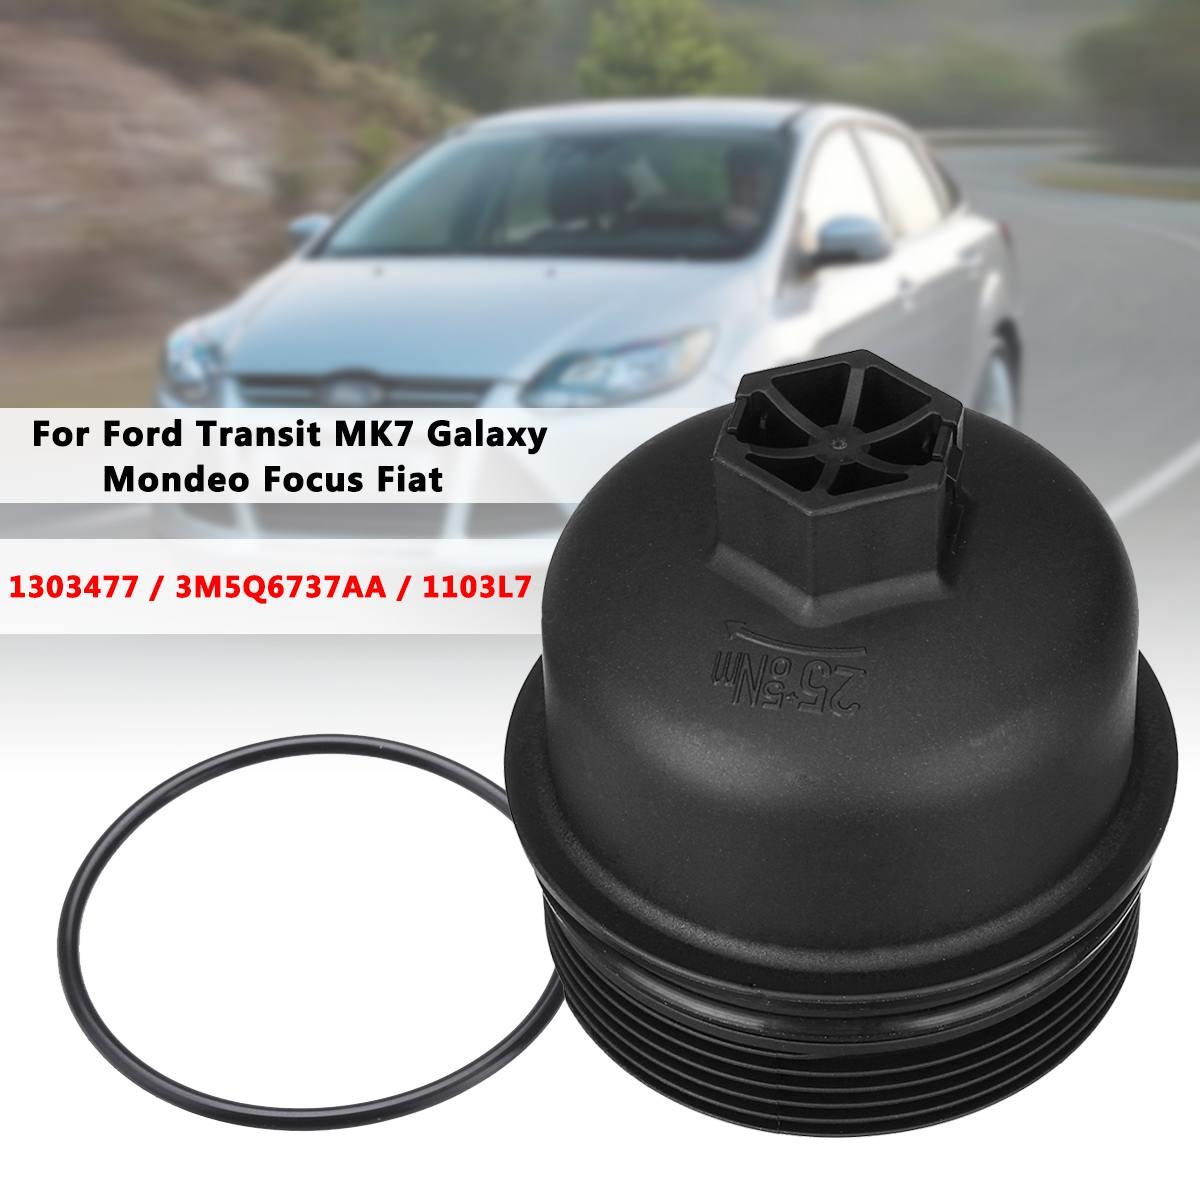 Yağ filtresi Kapak Muhafazası Üst Kapak 3M5Q6737AA 1103L7 1103P8 73500070 Ford Transit MK7/Galaxy/Mondeo/Focus/S-max/C-max /Fiat